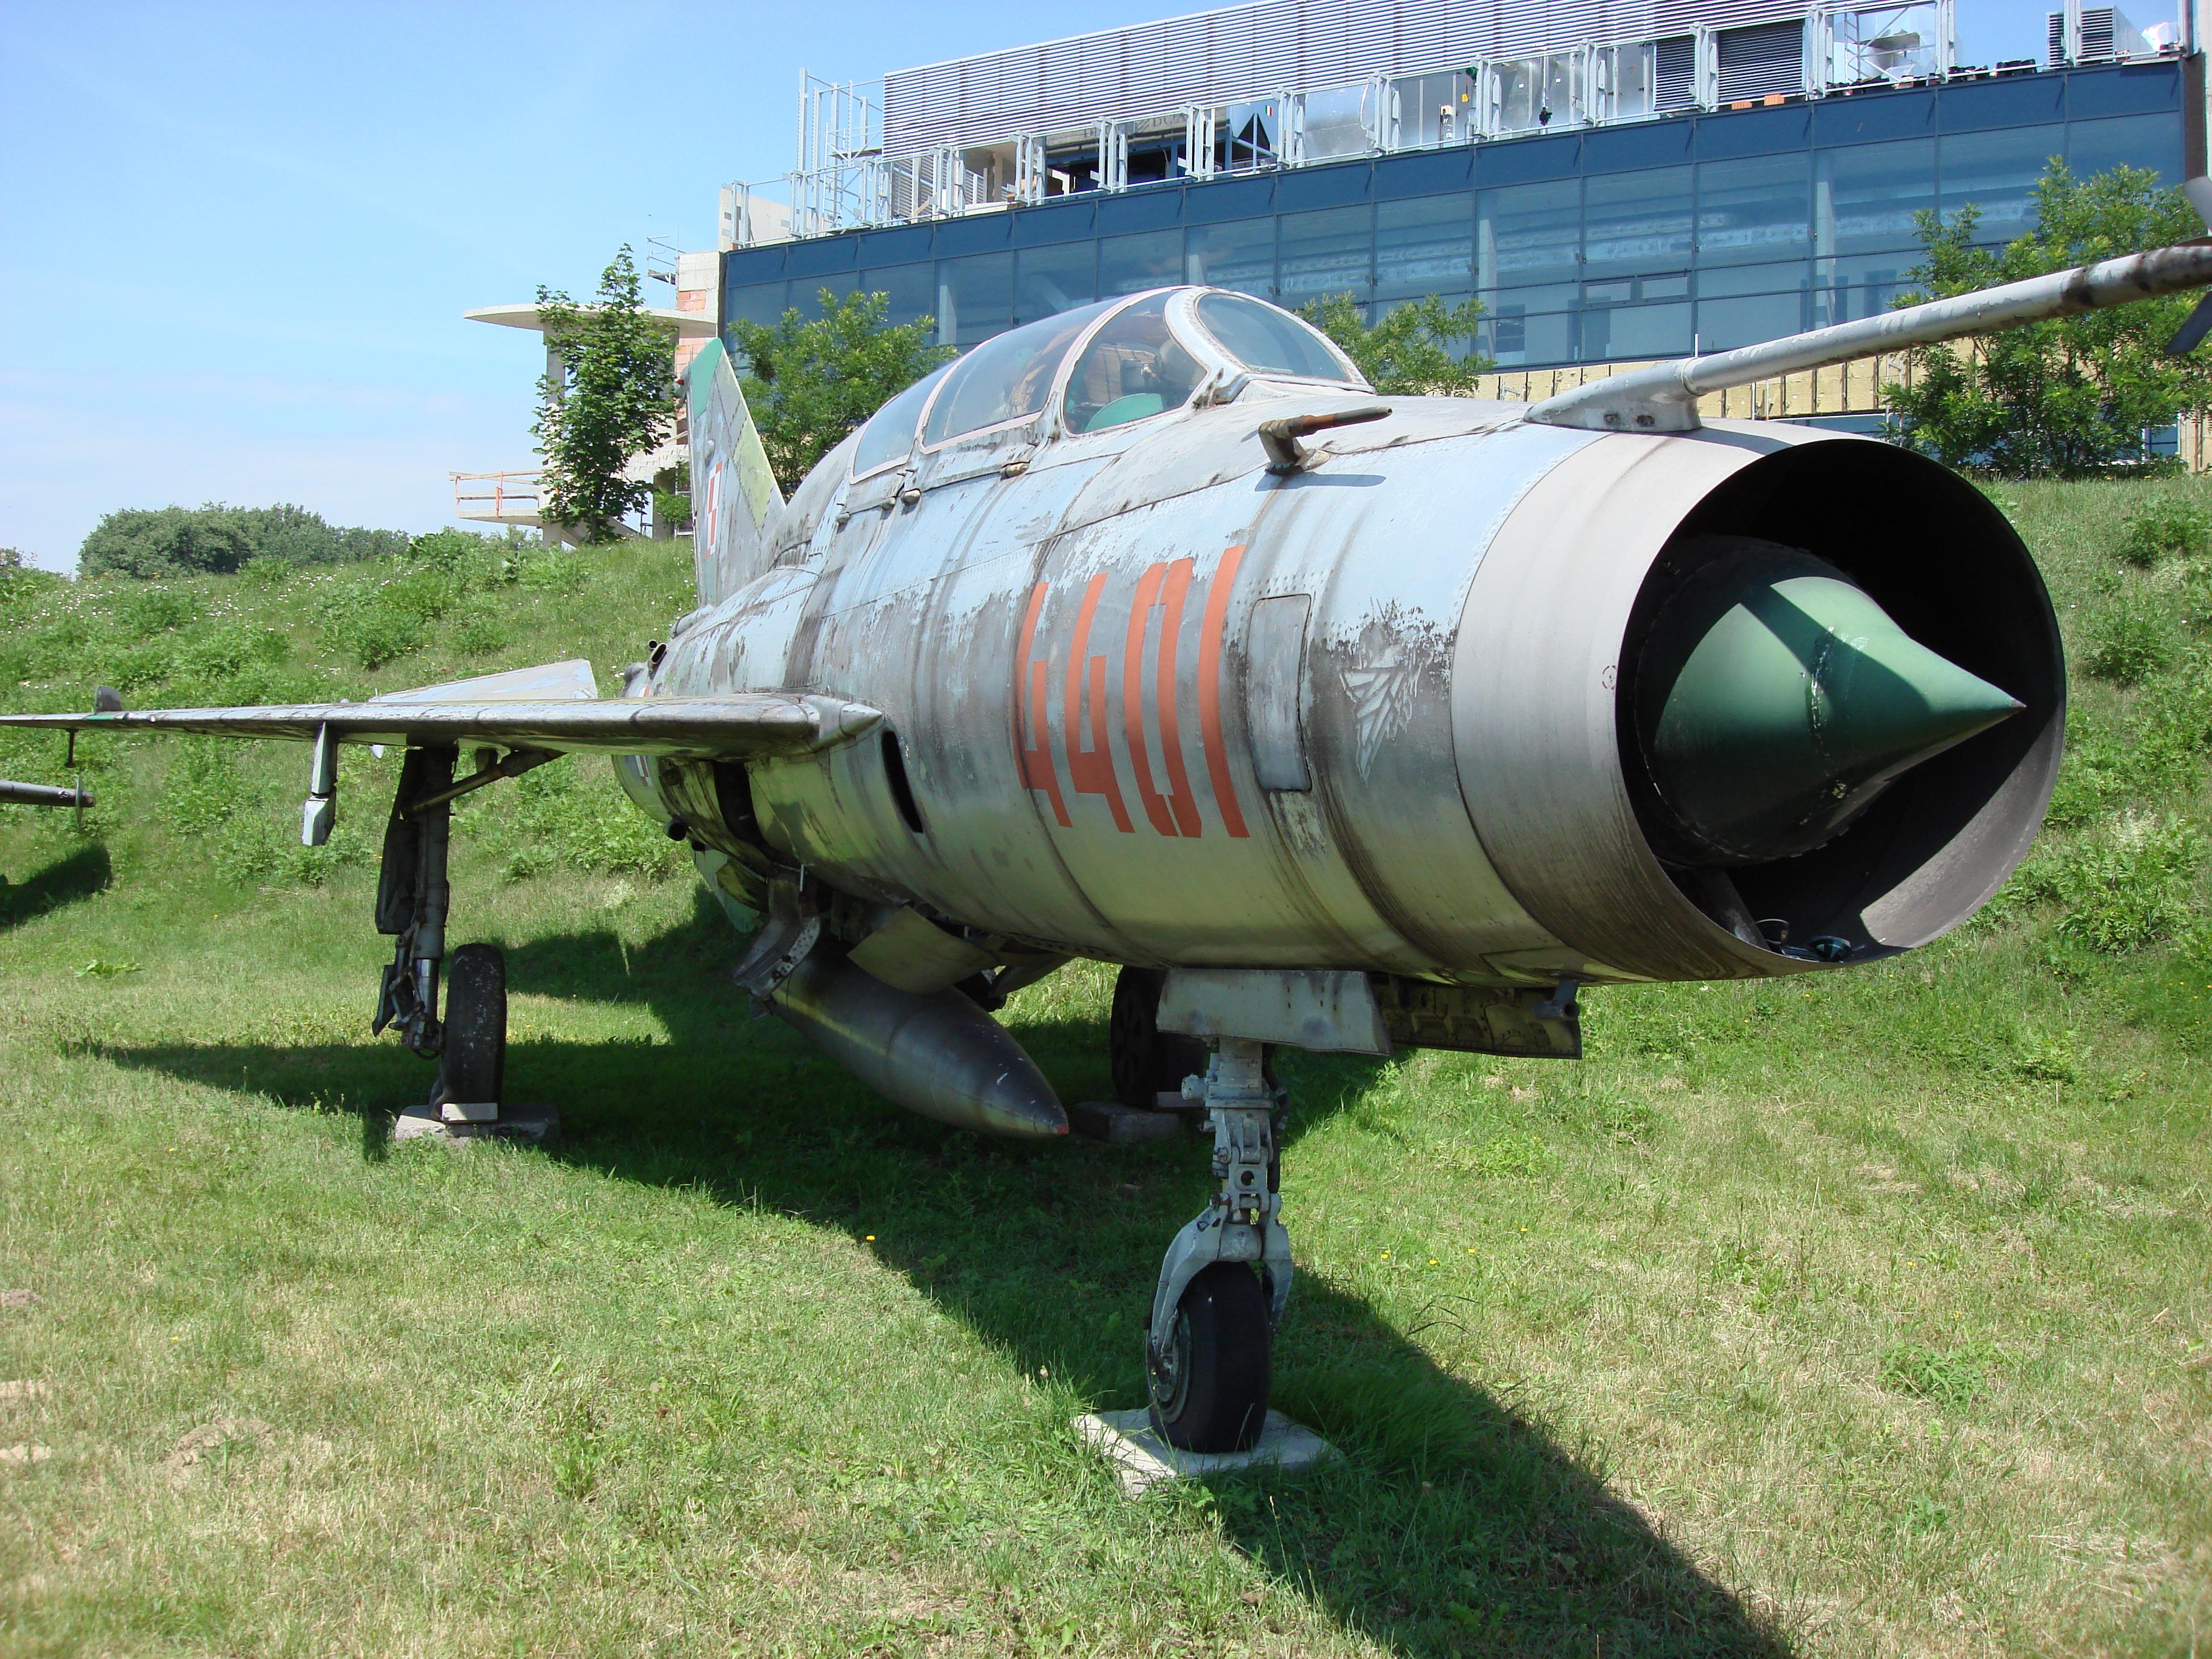 MiG-21 US nb 4401. Czyżyny. 2007 rok. Zdjęcie Karol Placha Hetman